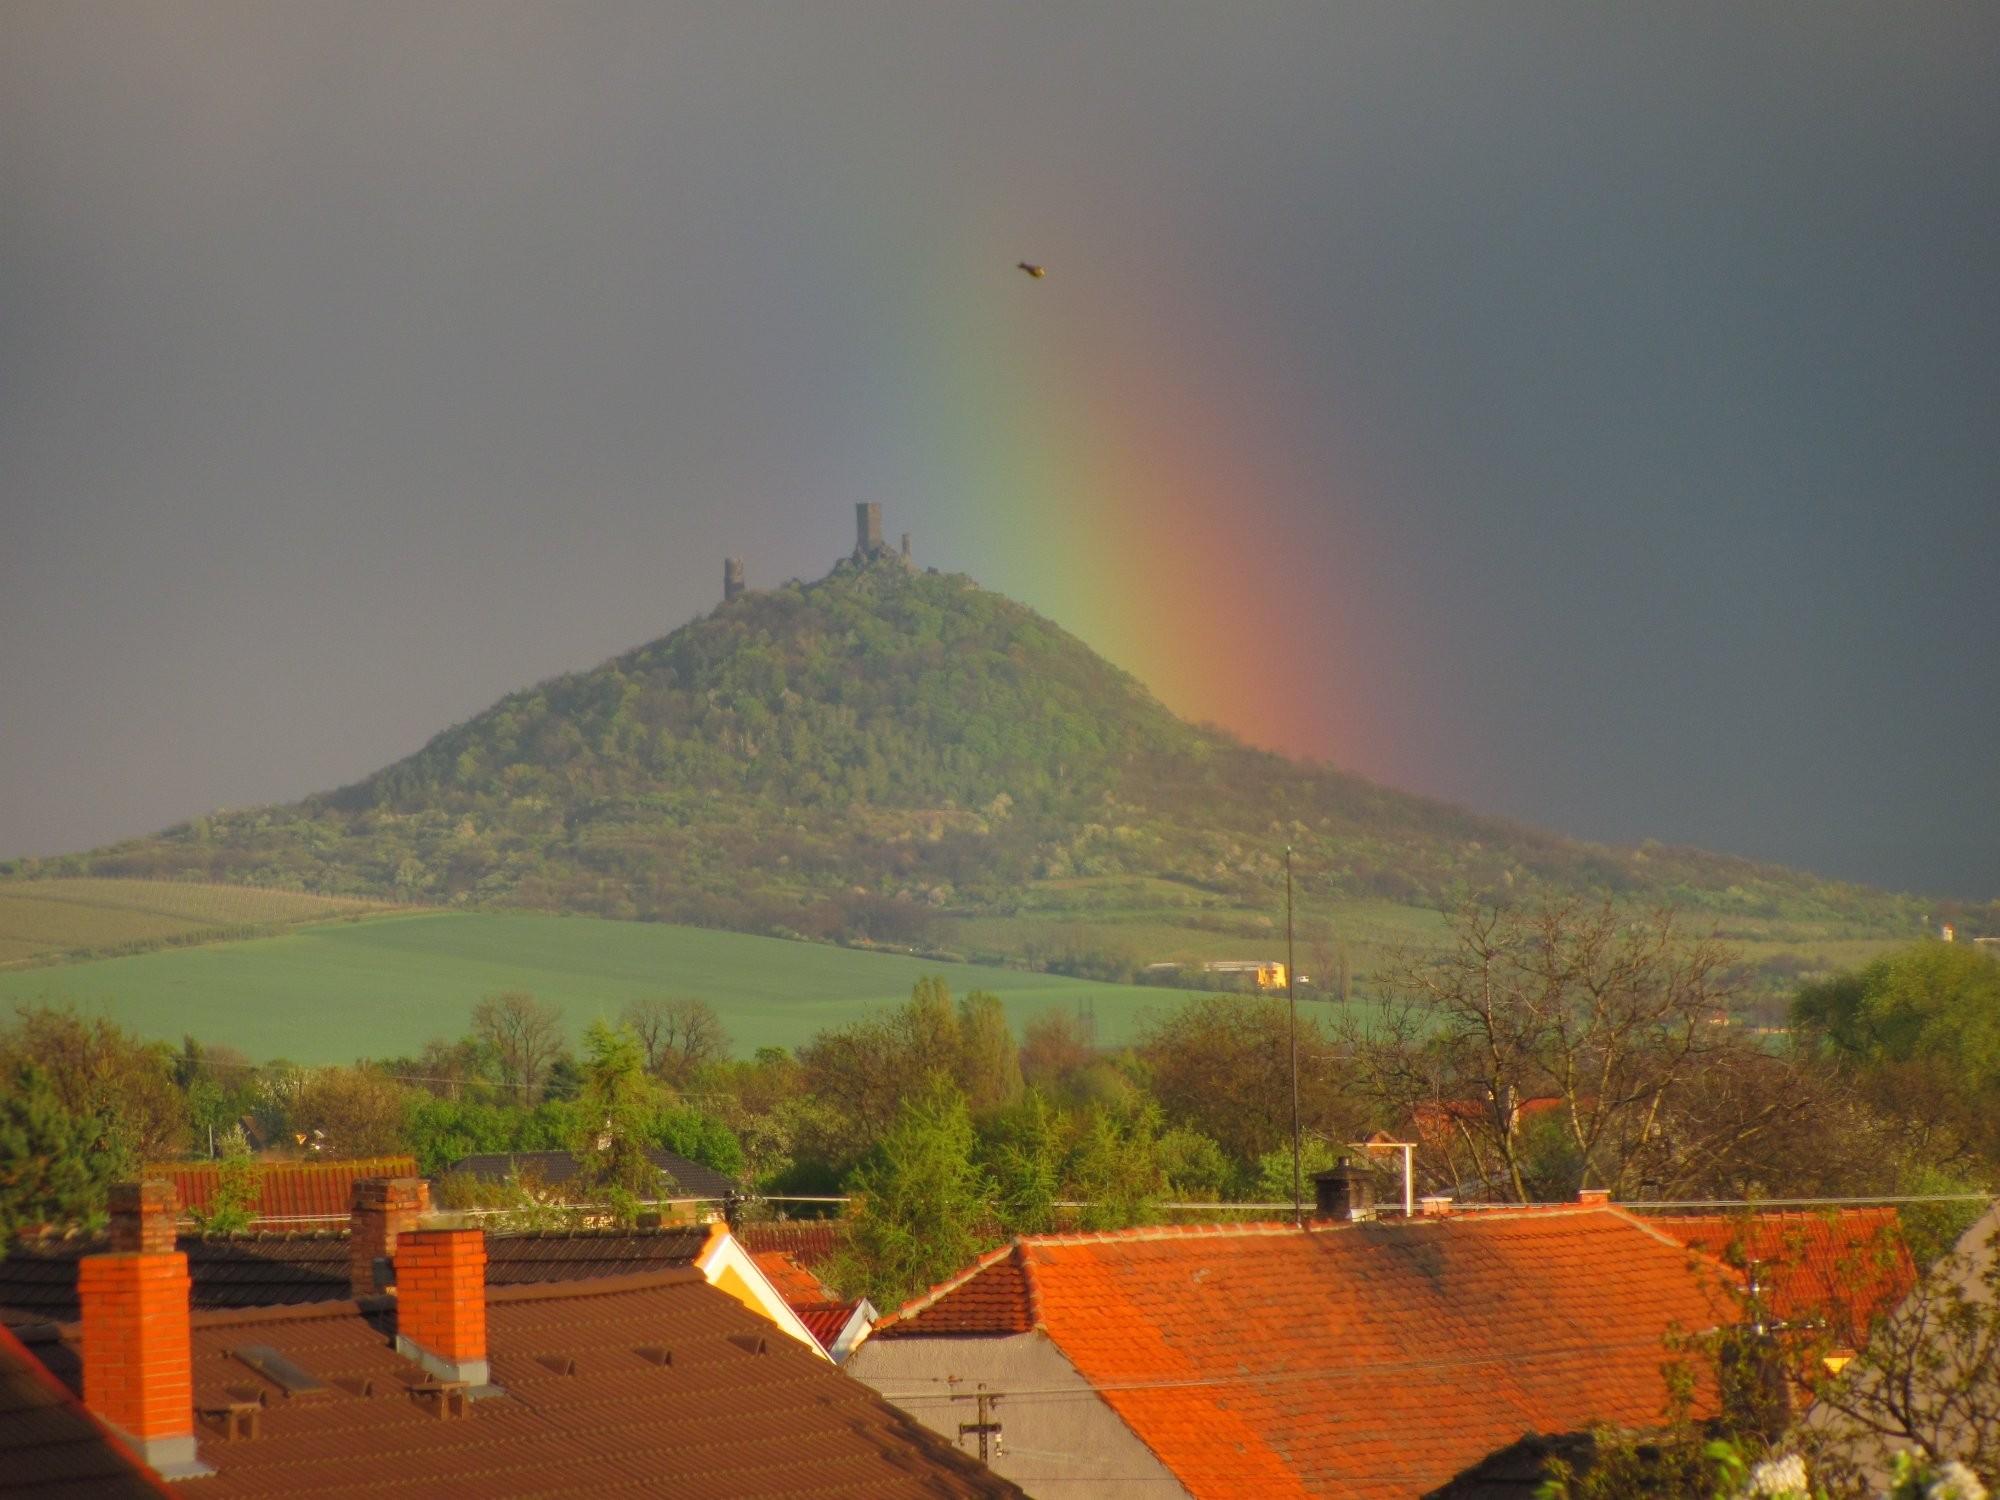 Duha nad hradem Hazmburk